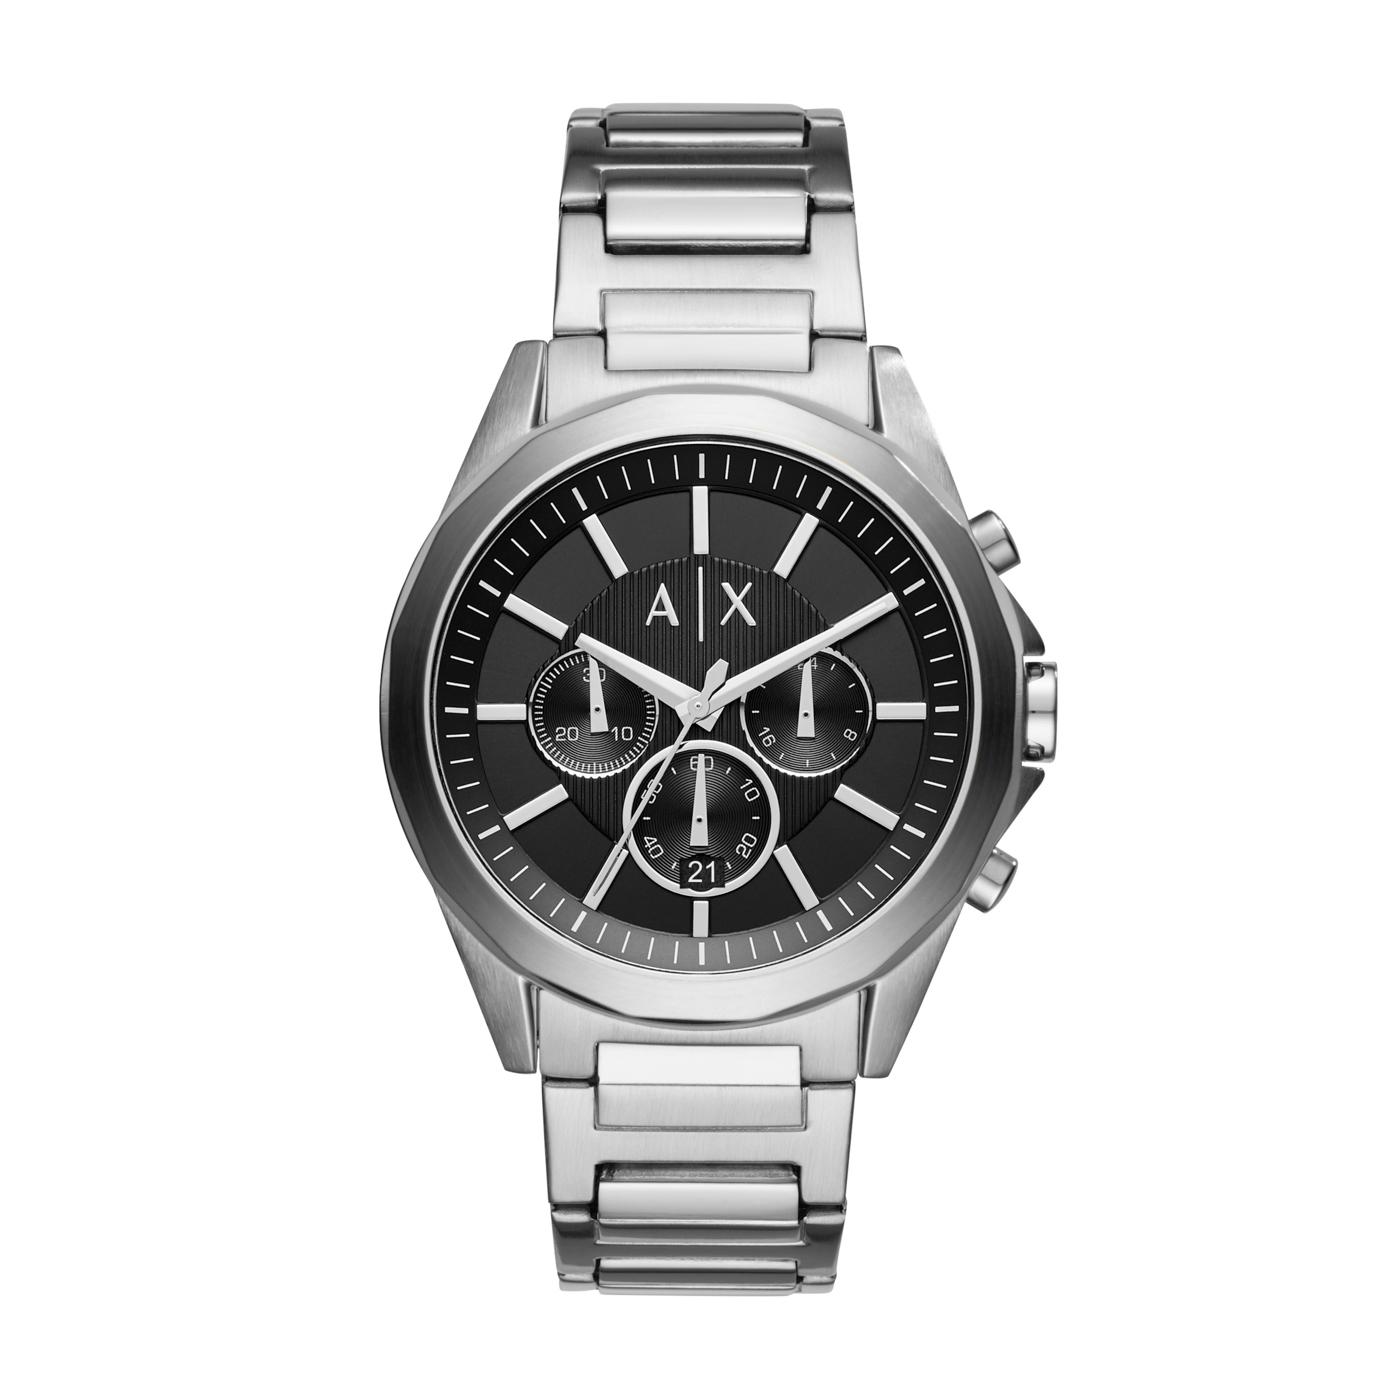 Afbeelding van Armani Exchange Drexler horloge AX2600